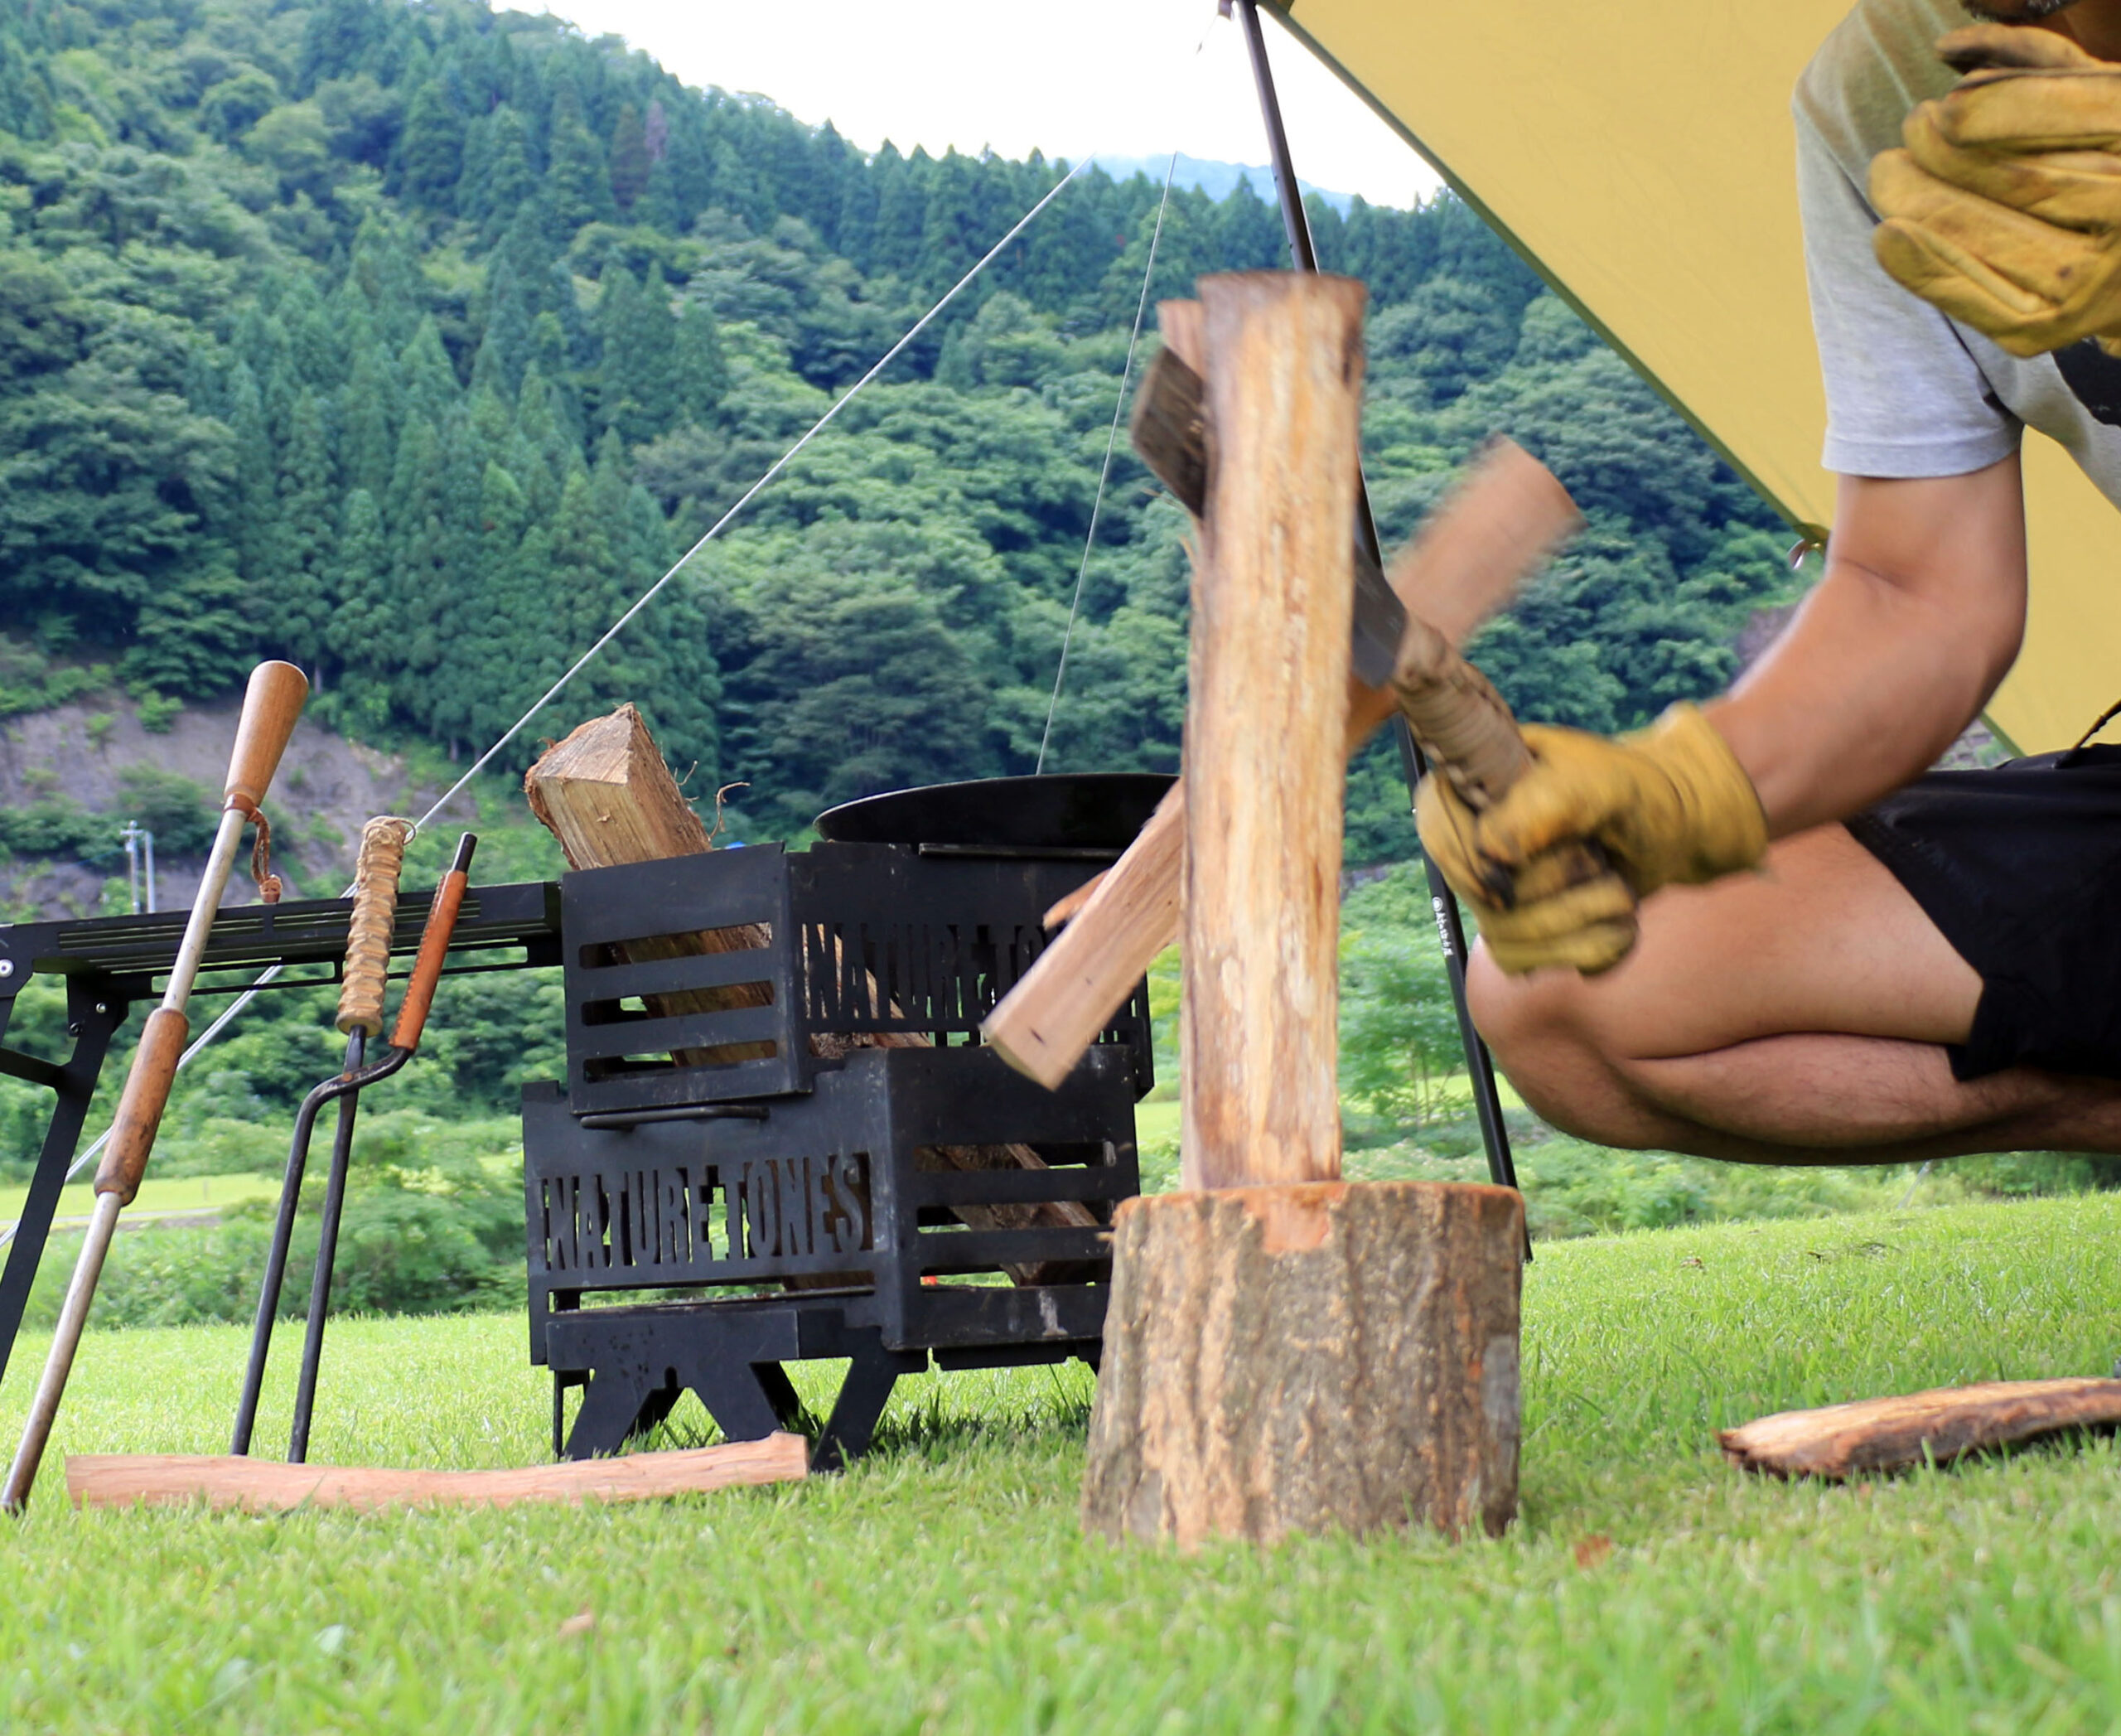 アウトドア初心者にも。まったりとしたキャンプを楽しむサークルが誕生!